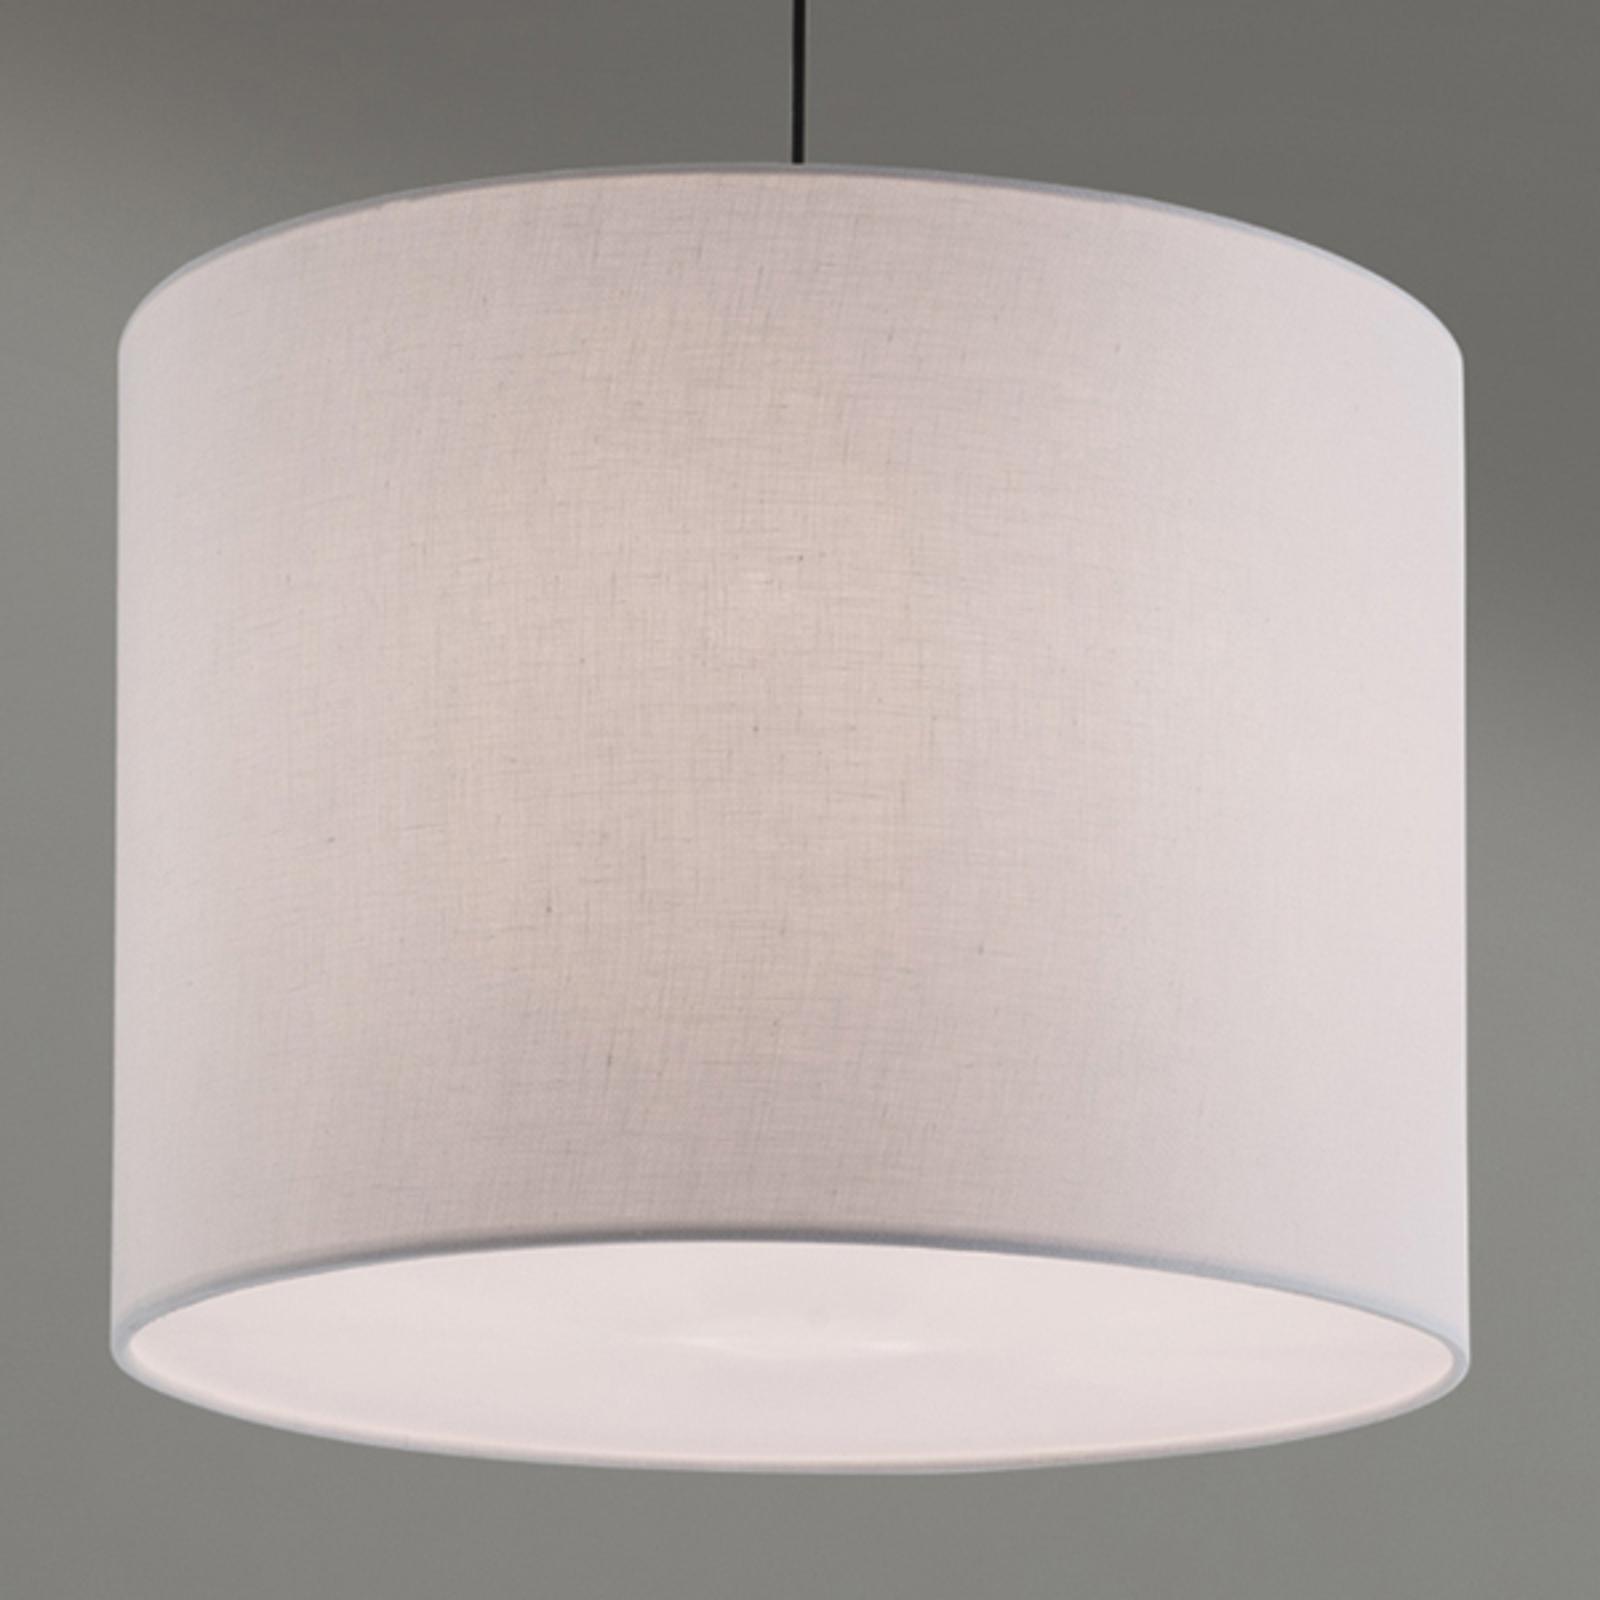 Lampa wisząca Artak z białym materiałowym kloszem